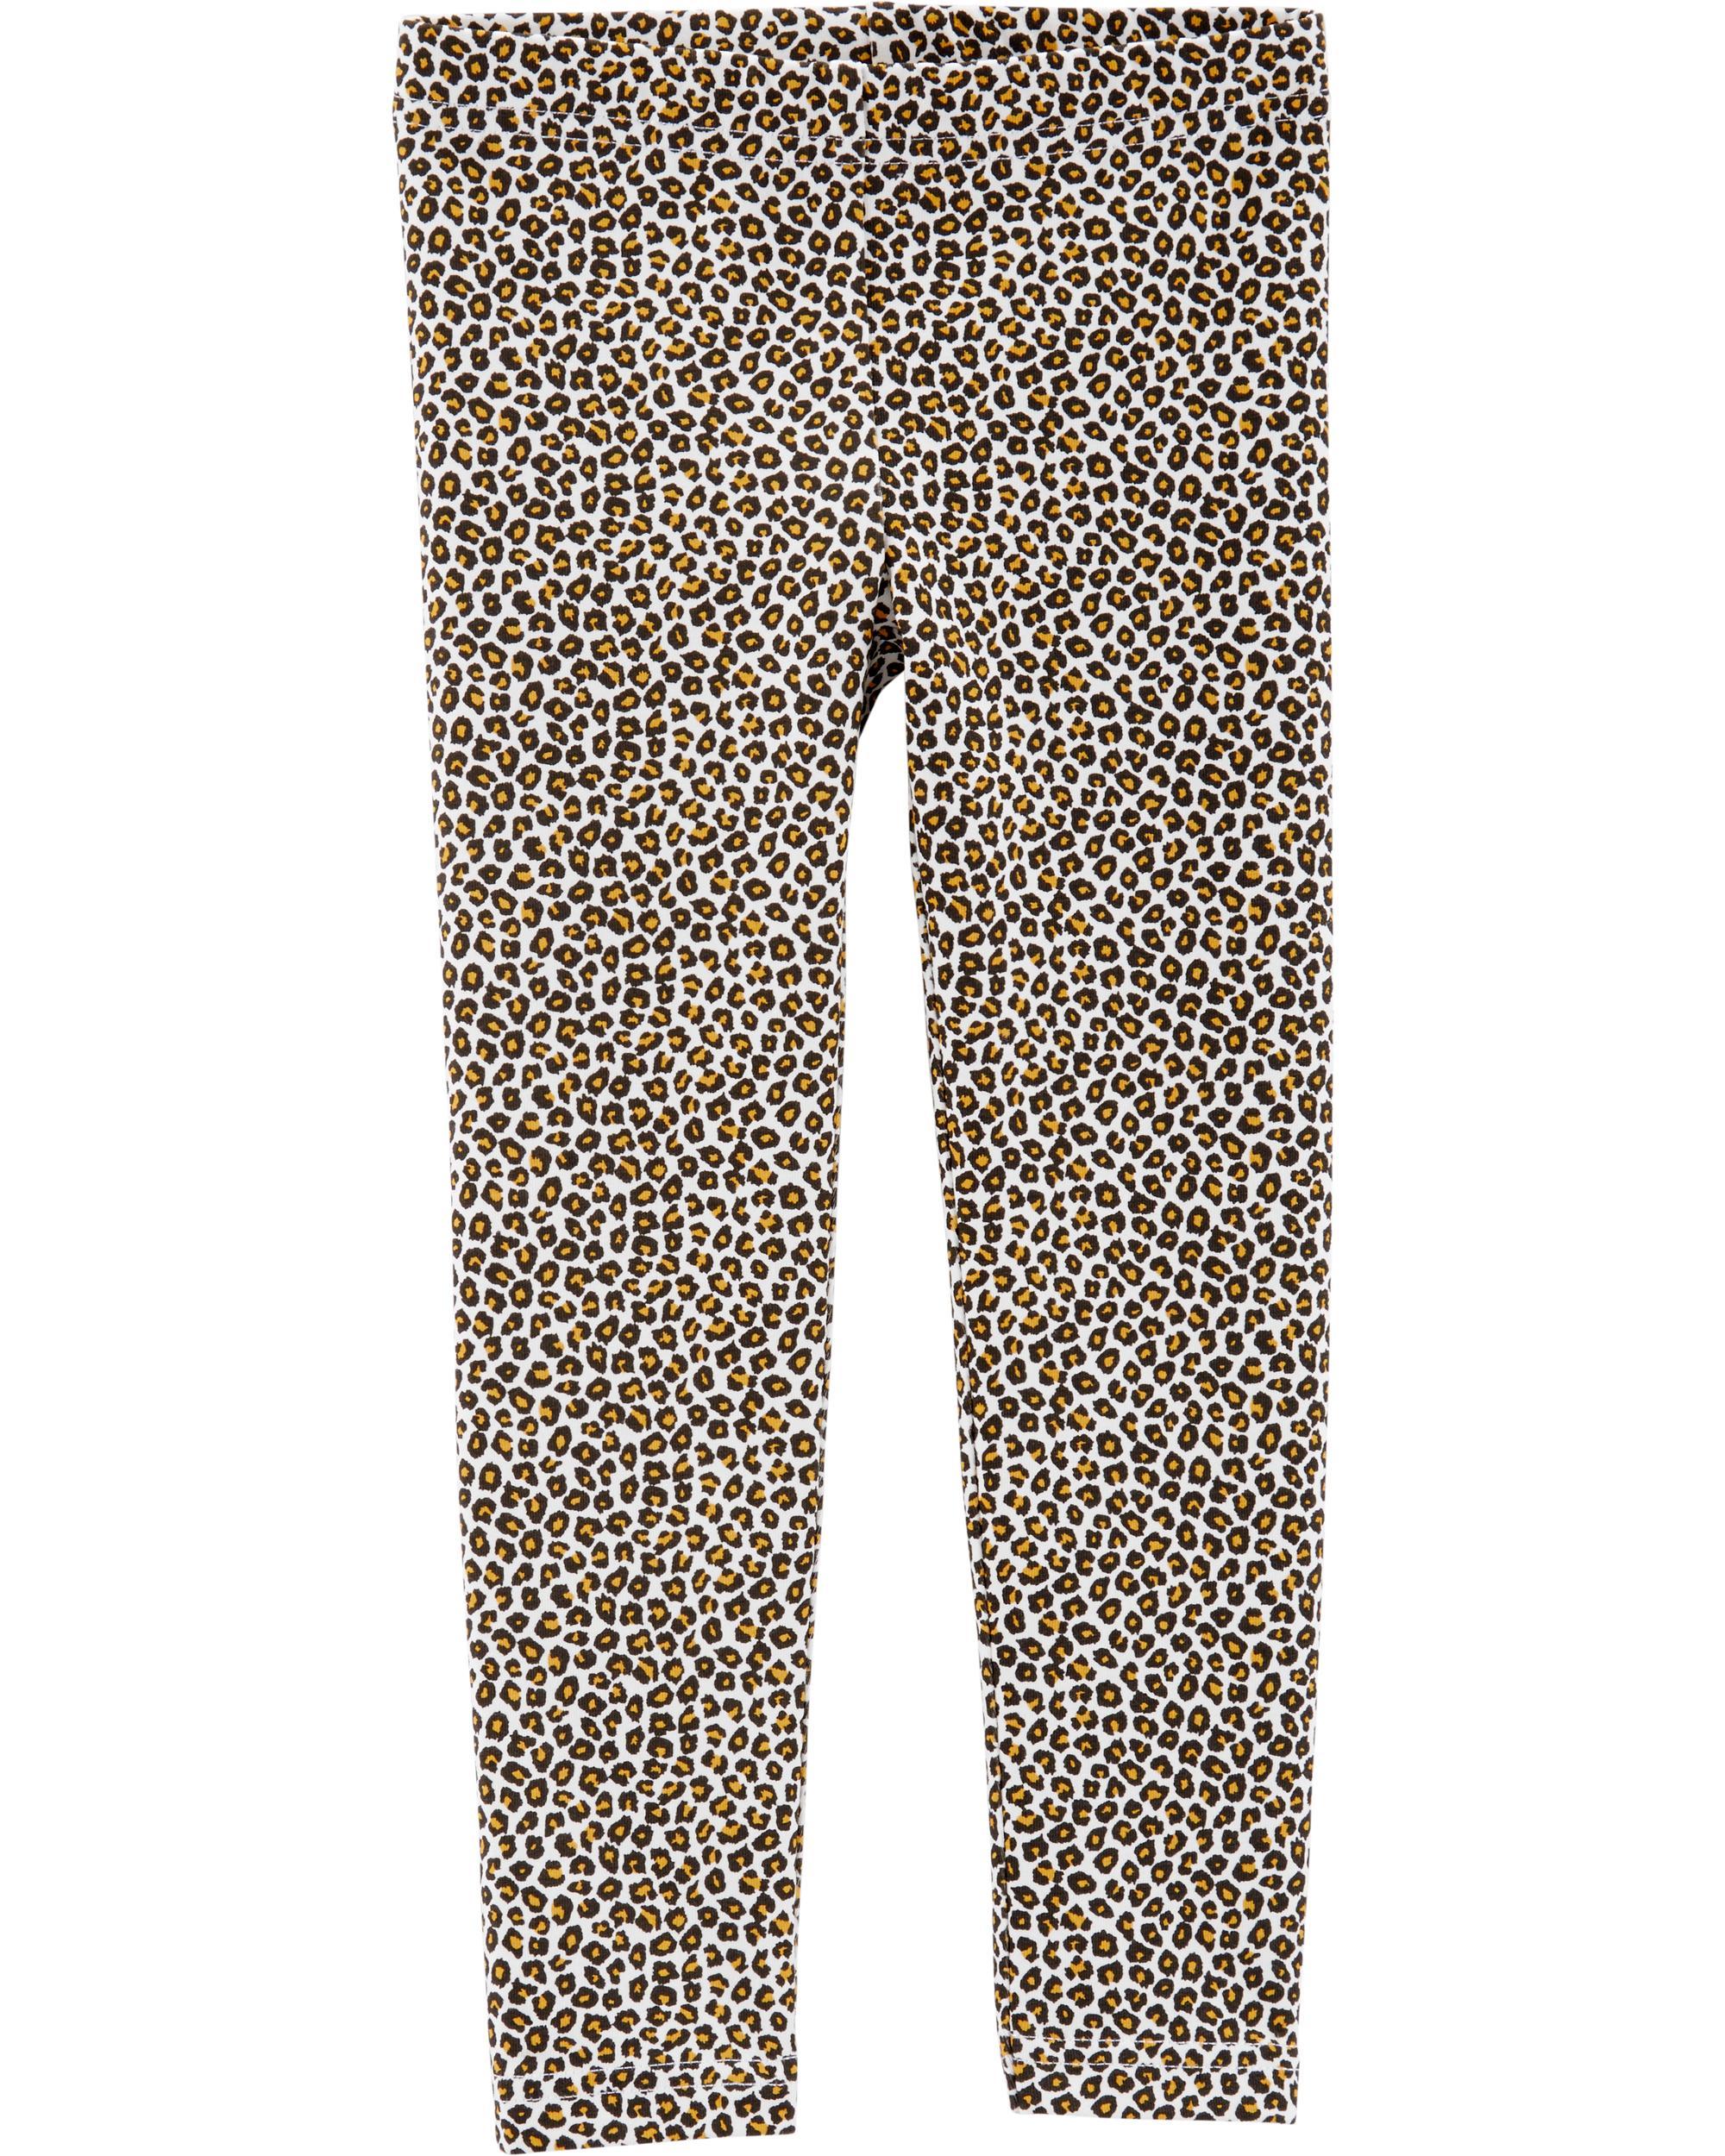 ec8920b99cafb Leopard Print Leggings | carters.com